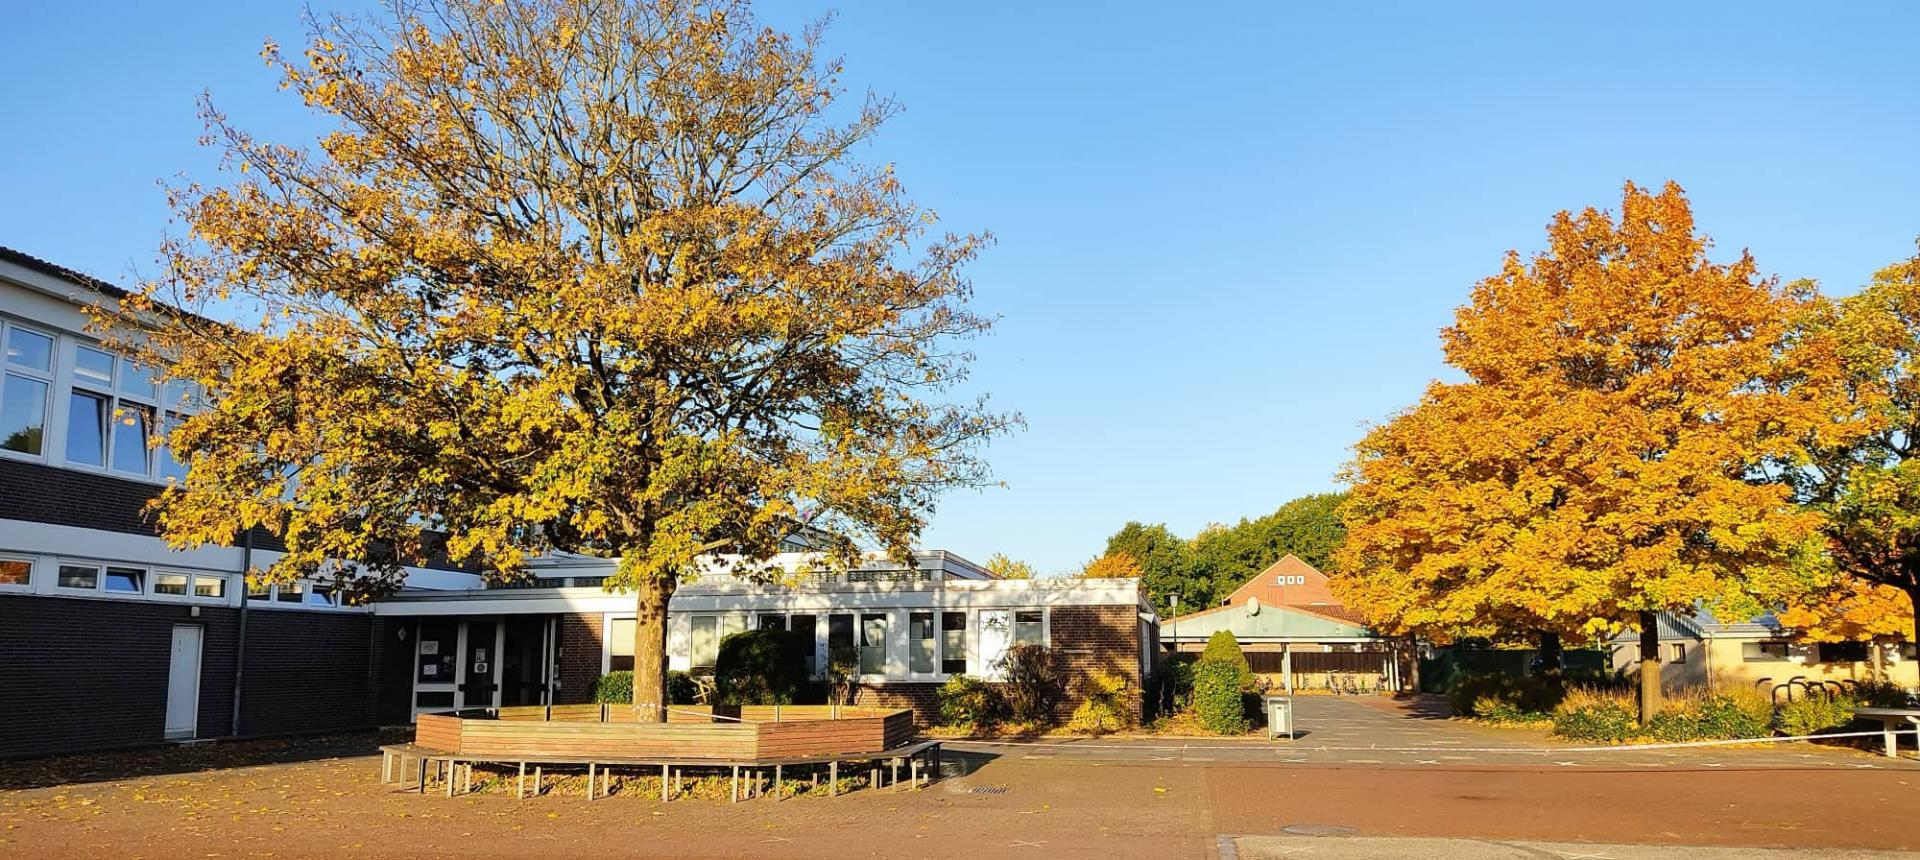 Schule im Herbst